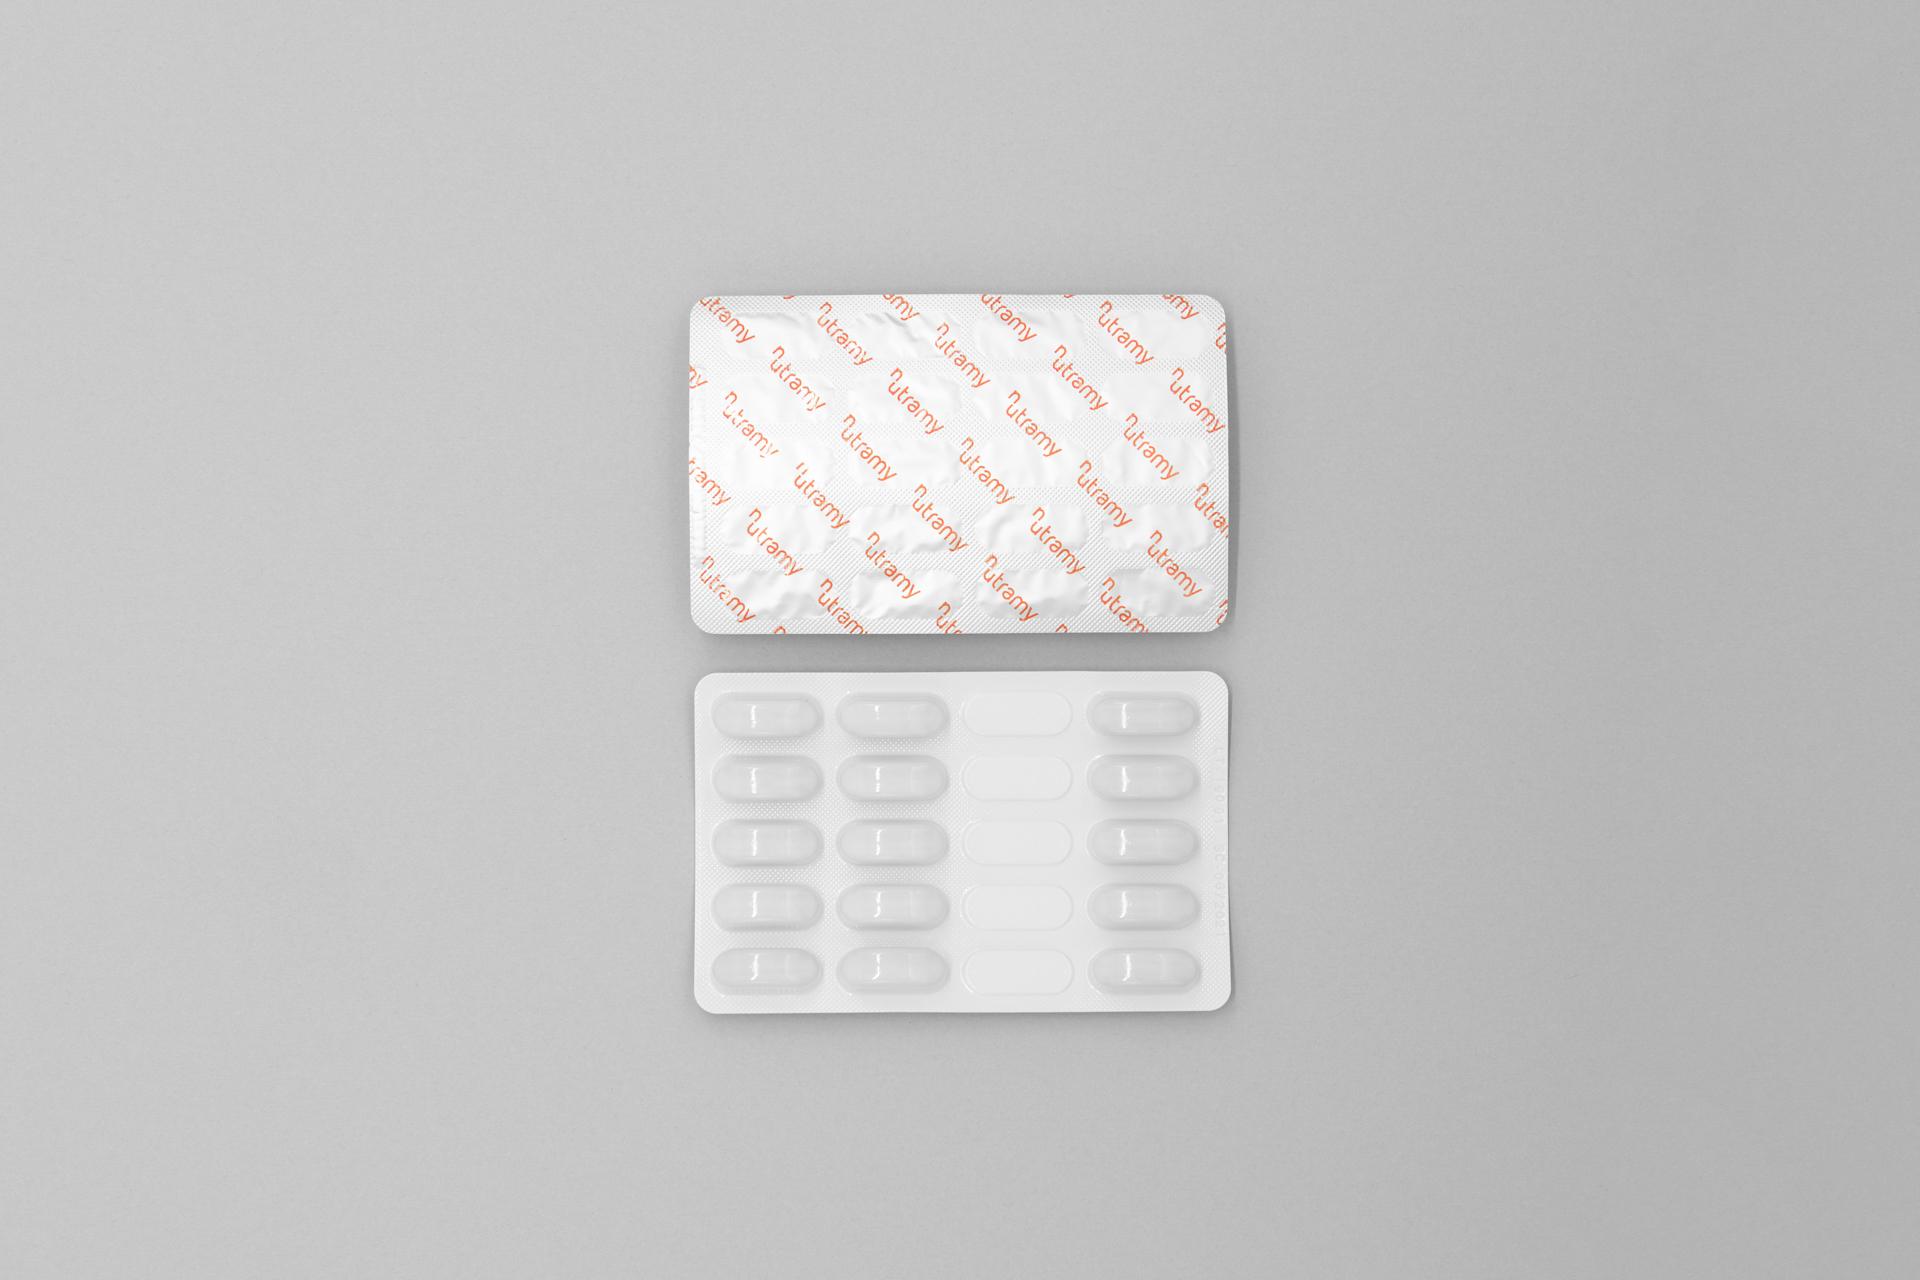 nutramy_pack_design